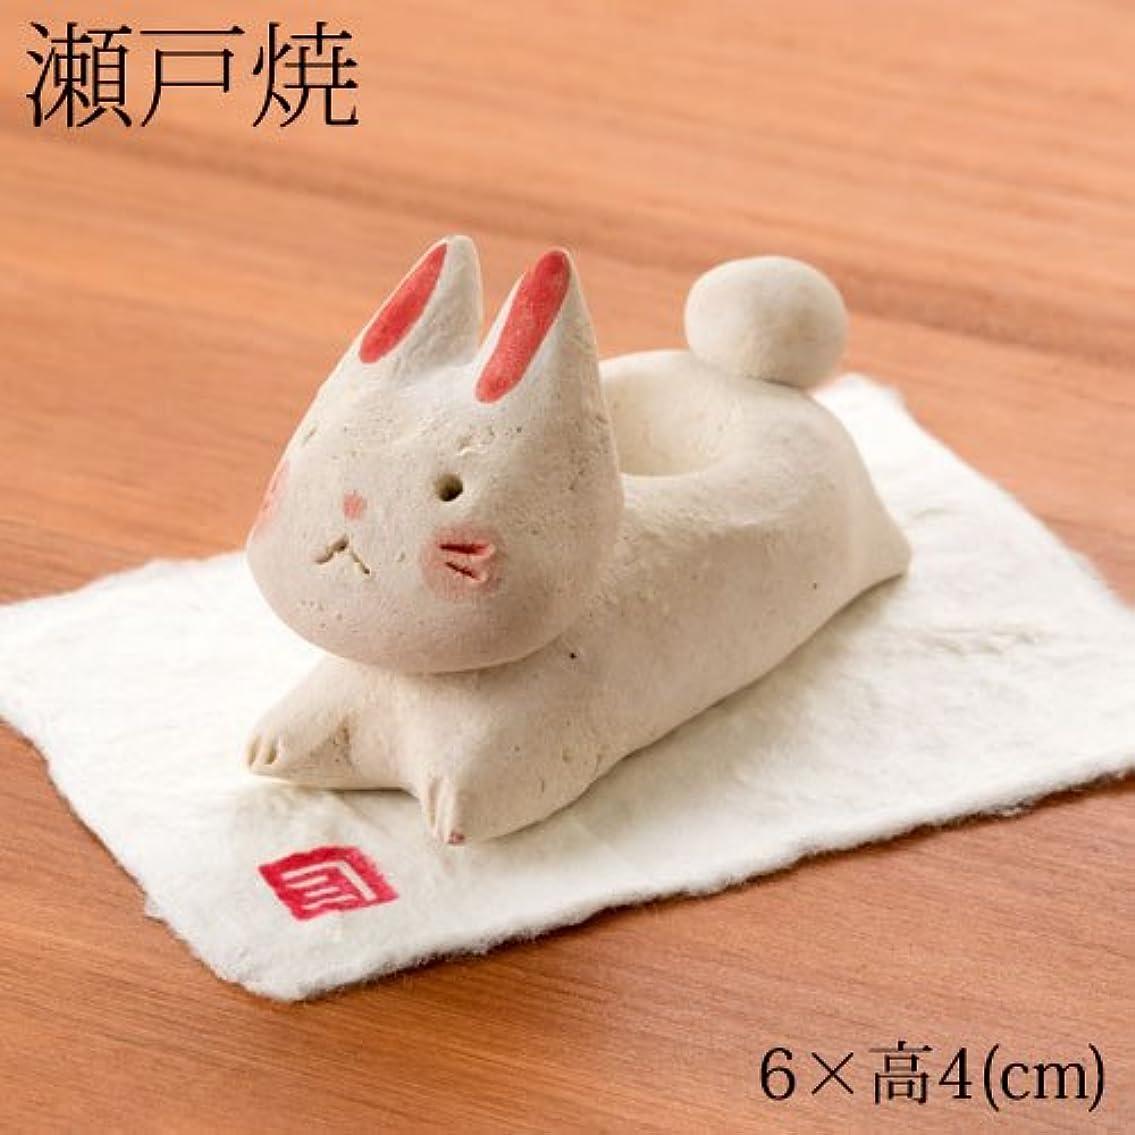 豊富な興味ながら瀬戸焼兎アロマストーン (K6302)愛知県の工芸品Seto-yaki Aroma stone, Aichi craft